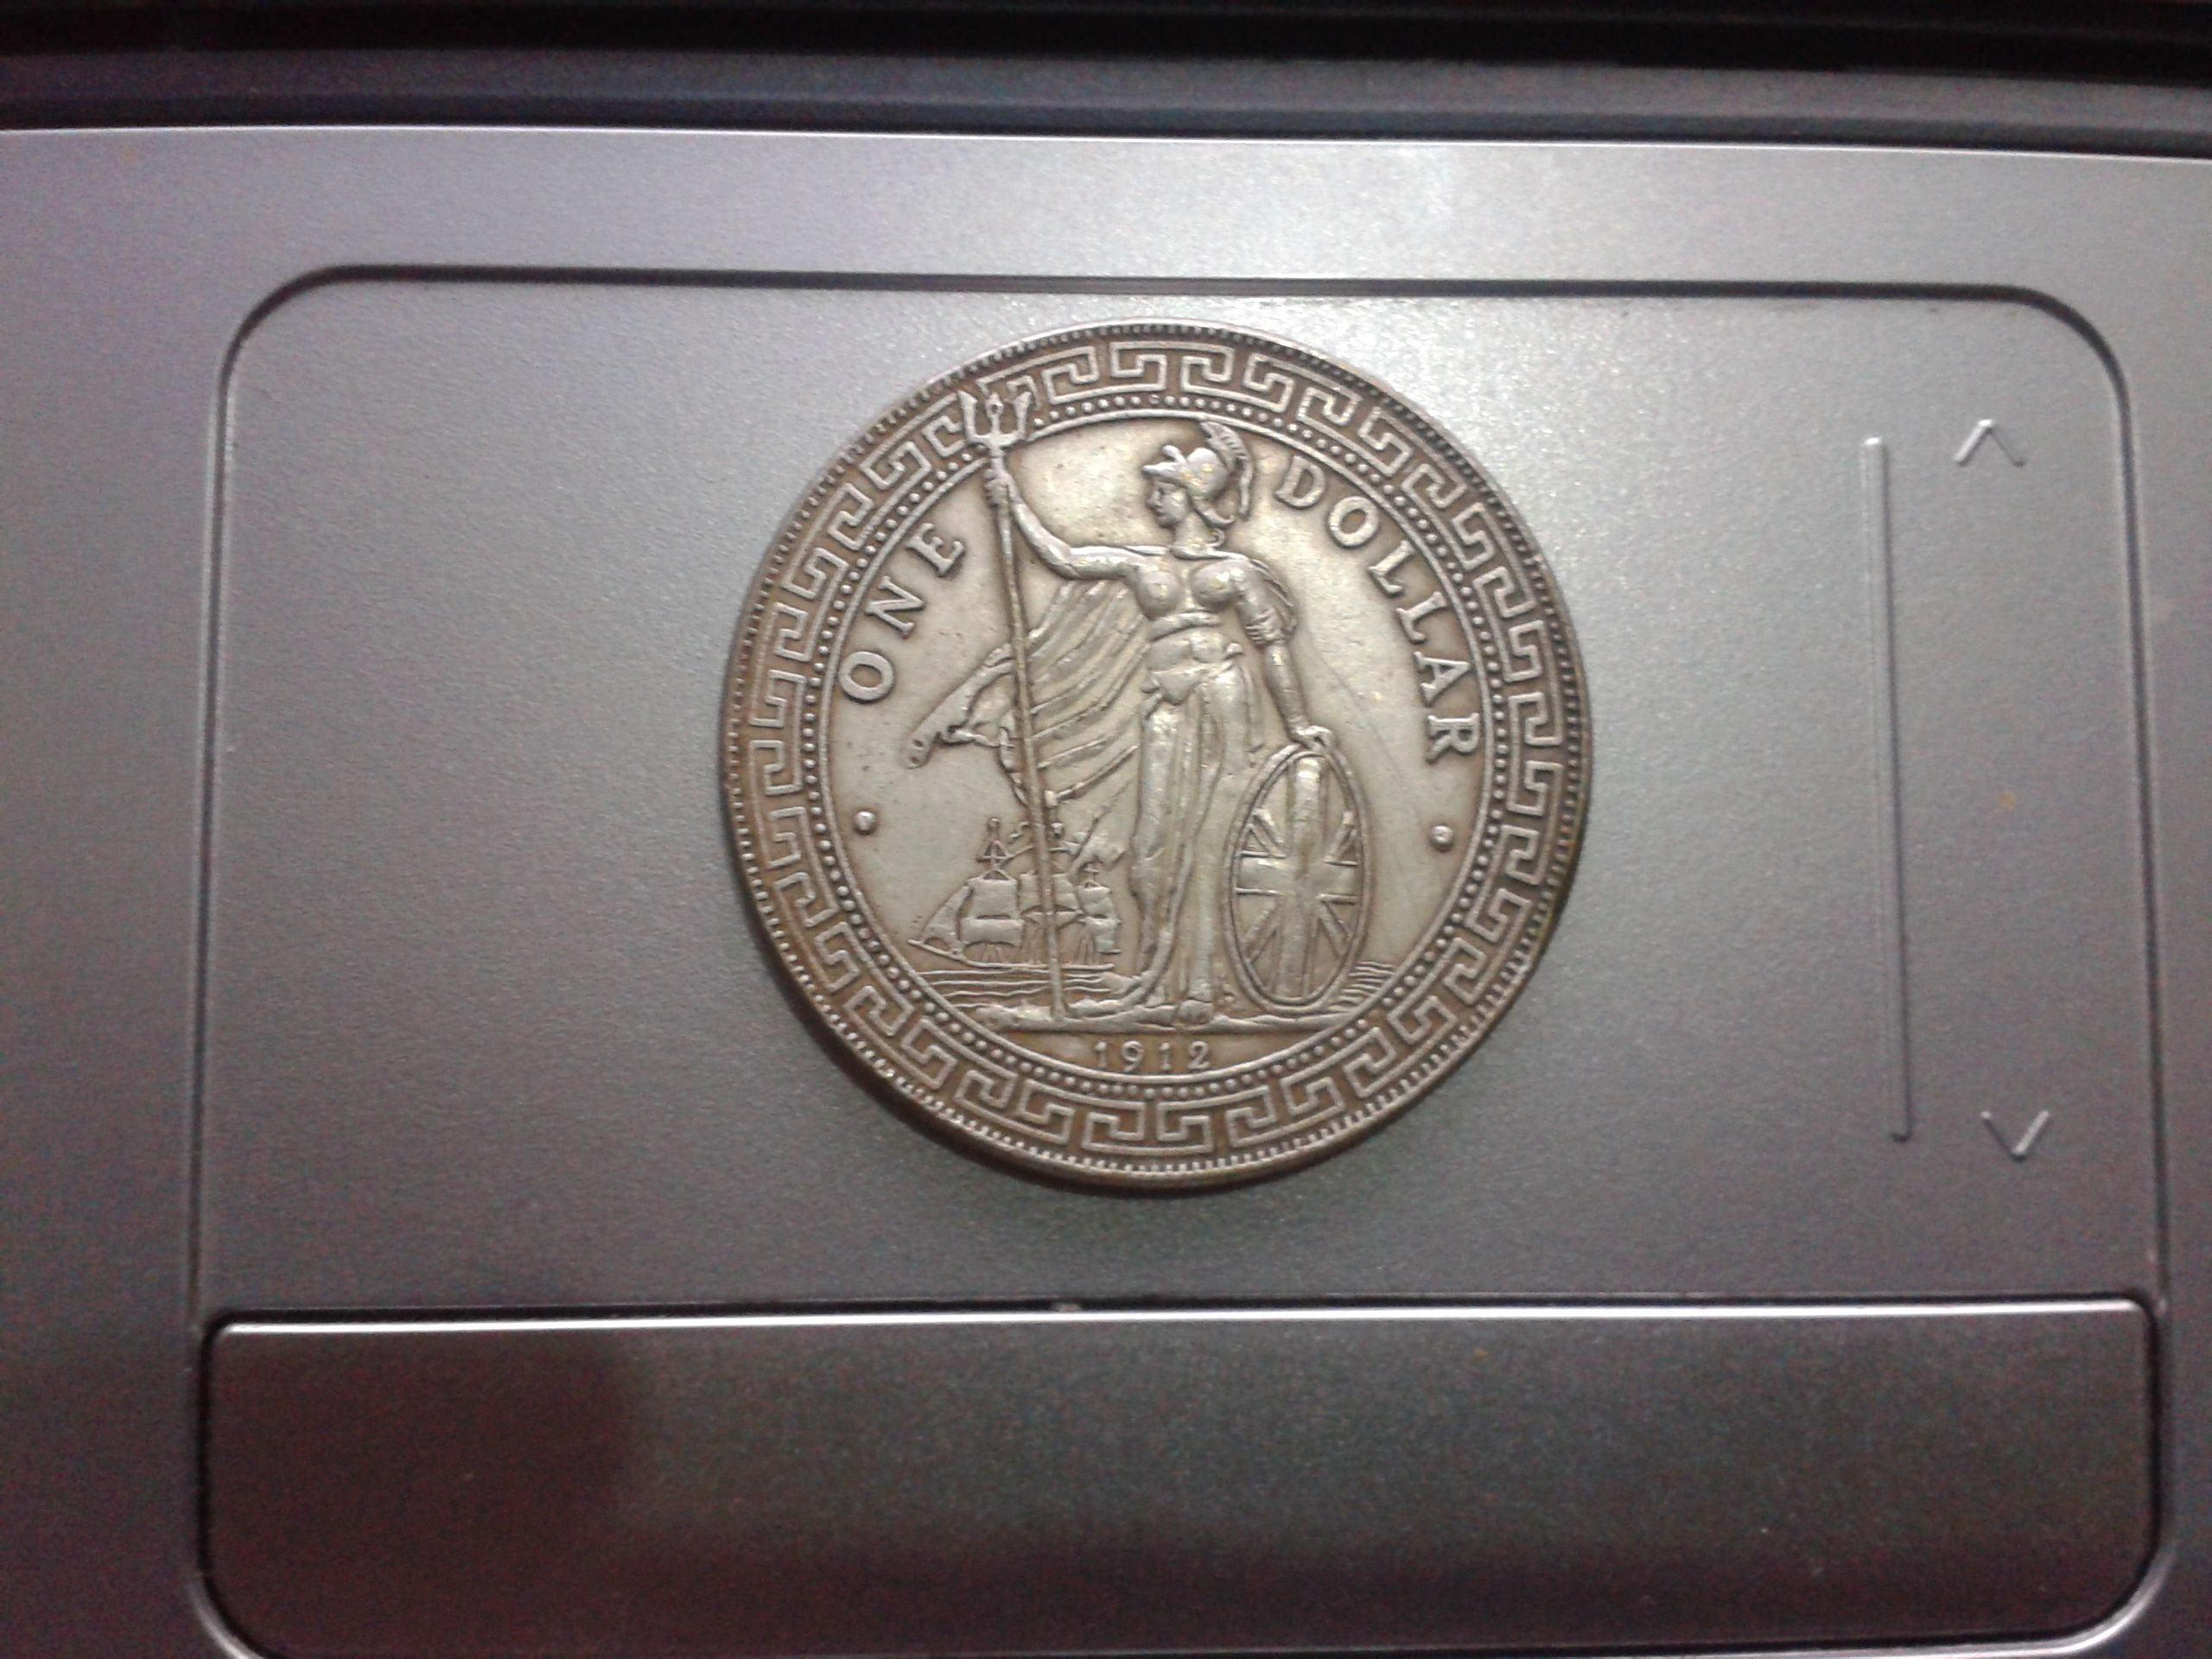 请帮忙鉴别以下古币市场价格 大清铜币 当制钱十文 丙午 高清图片